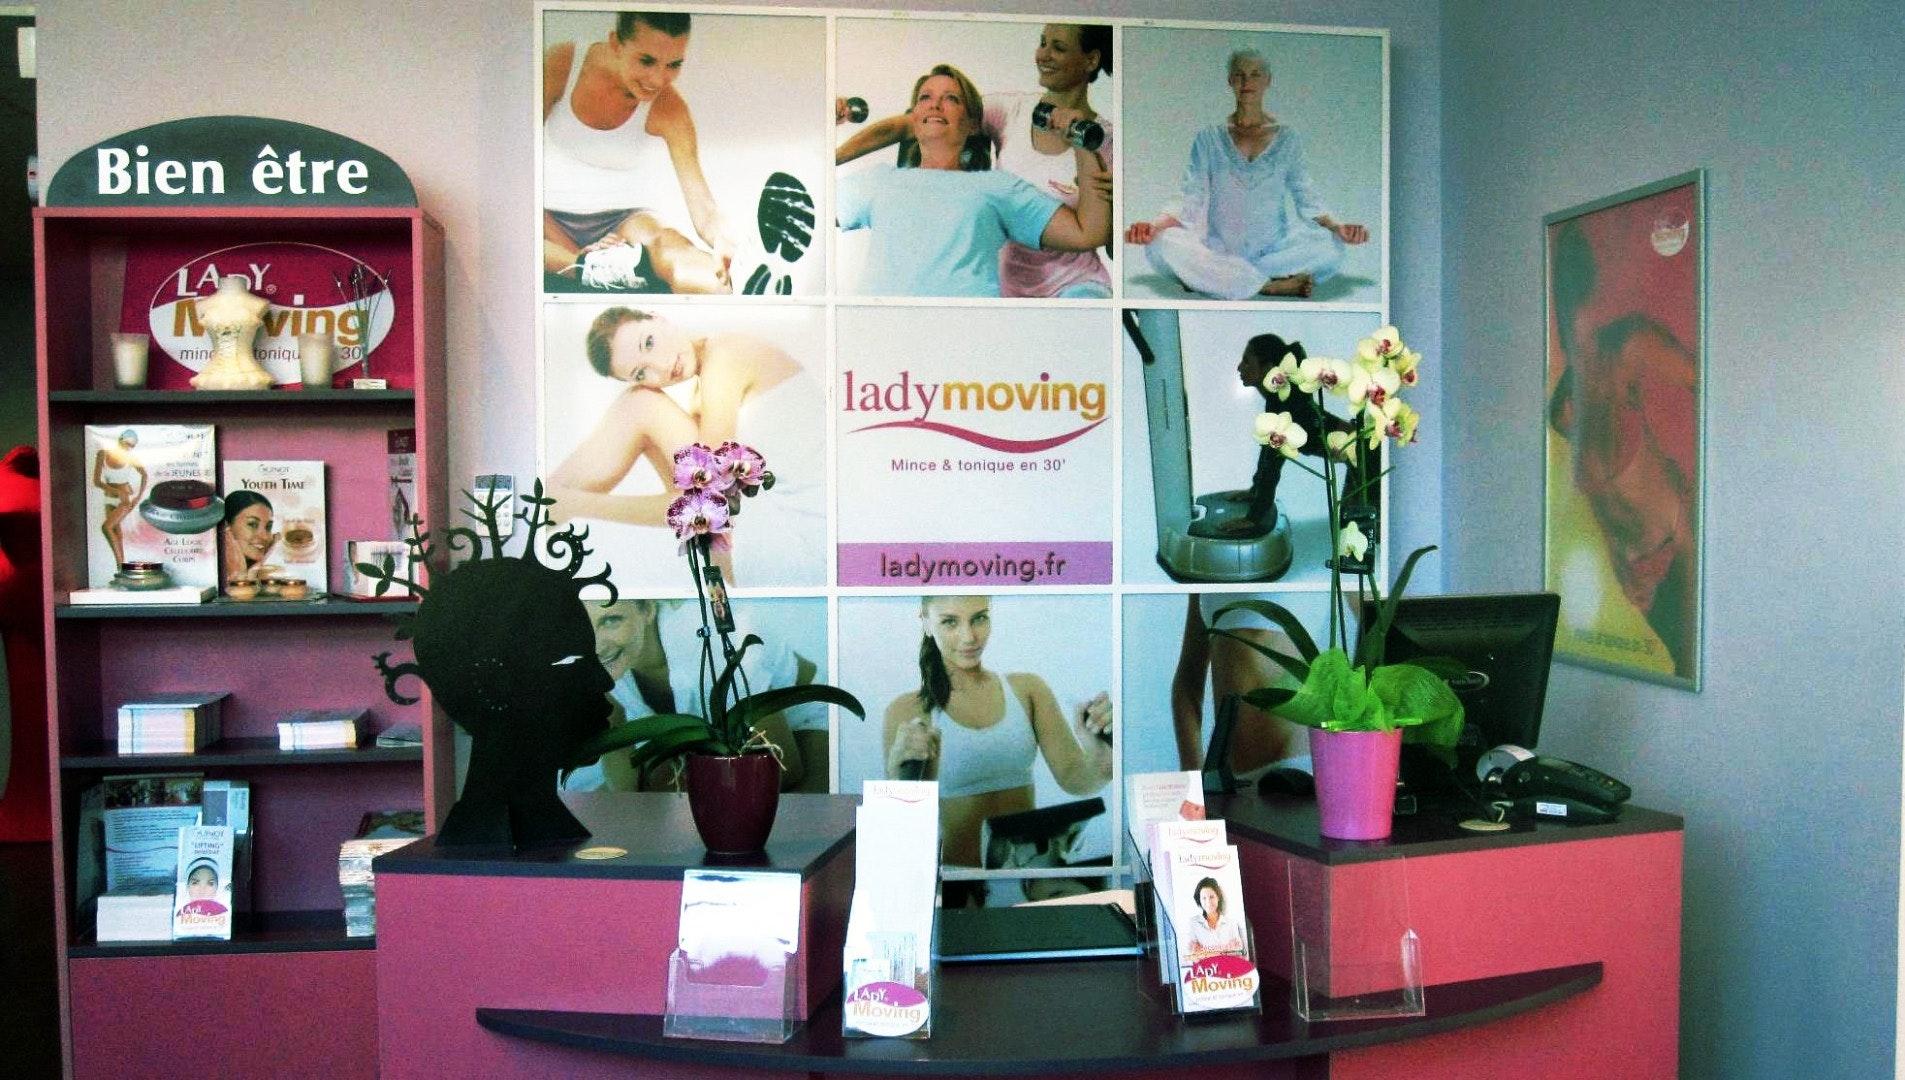 Photo 1 Les meilleurs tarifs  et activités pour le centre Lady Moving Jouars Jouars-Pontchartrain